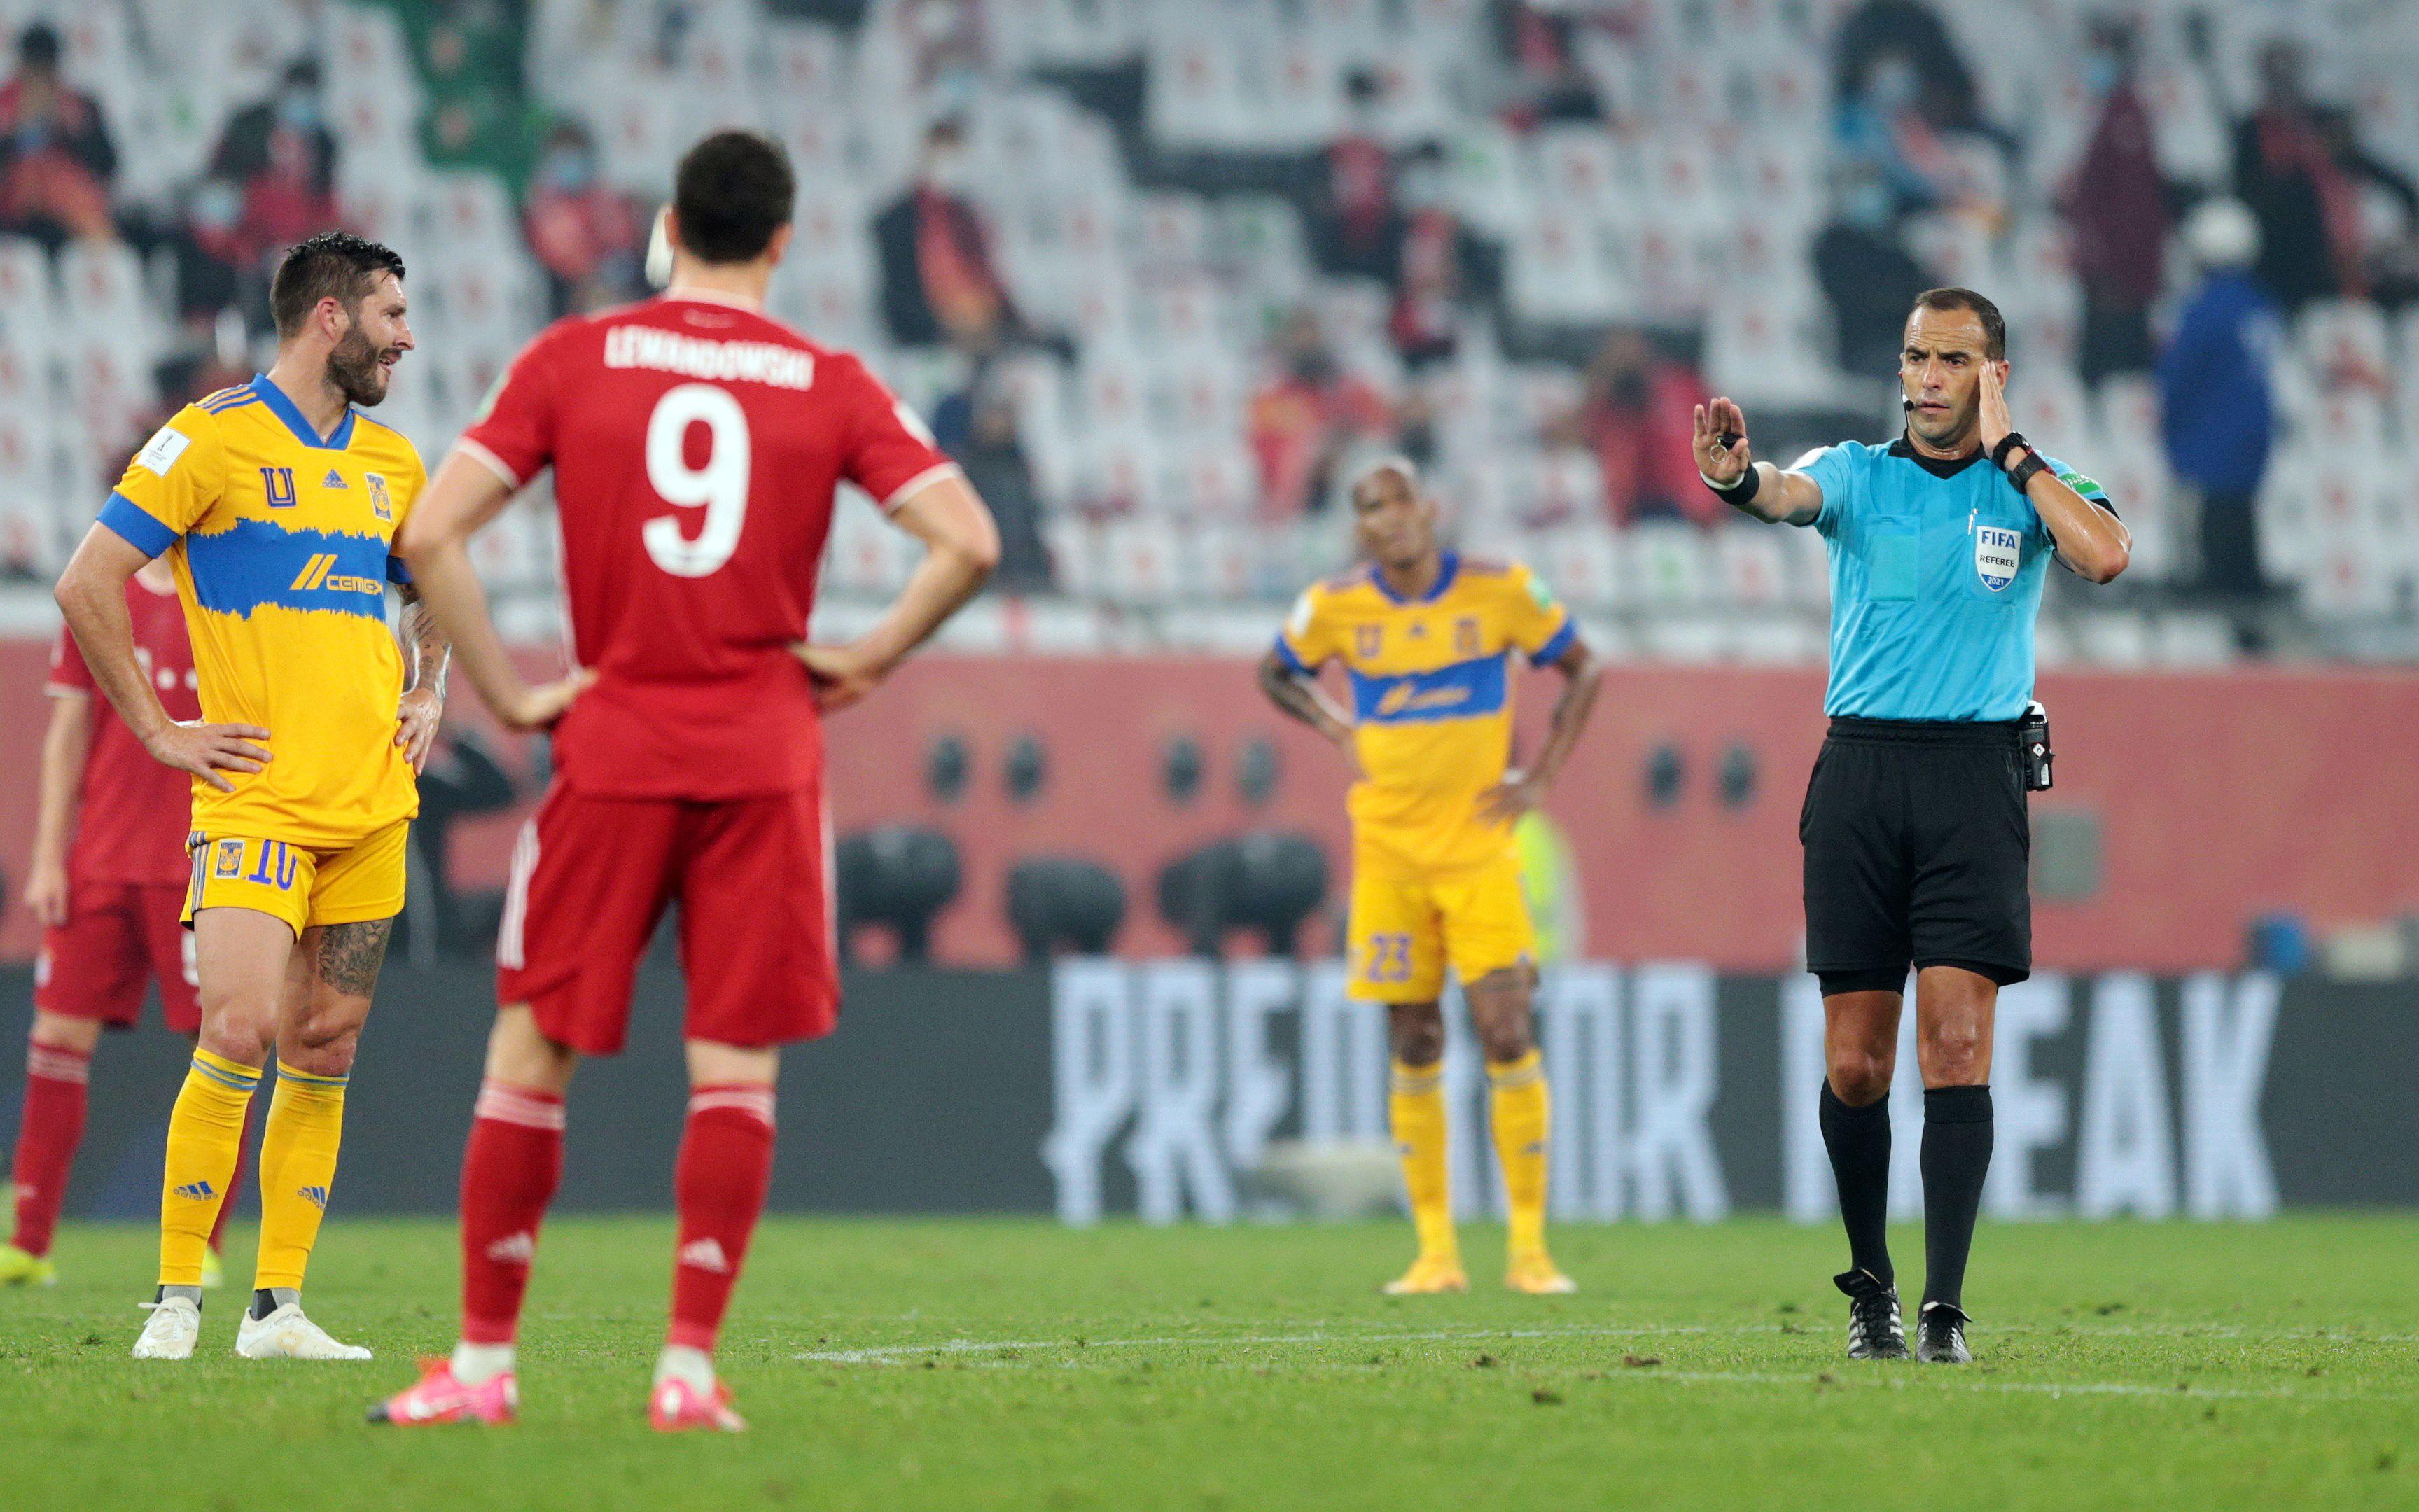 Esteban Ostojich espera la decisión del VAR antes de permitir el primer gol de Benjamin Pavard.